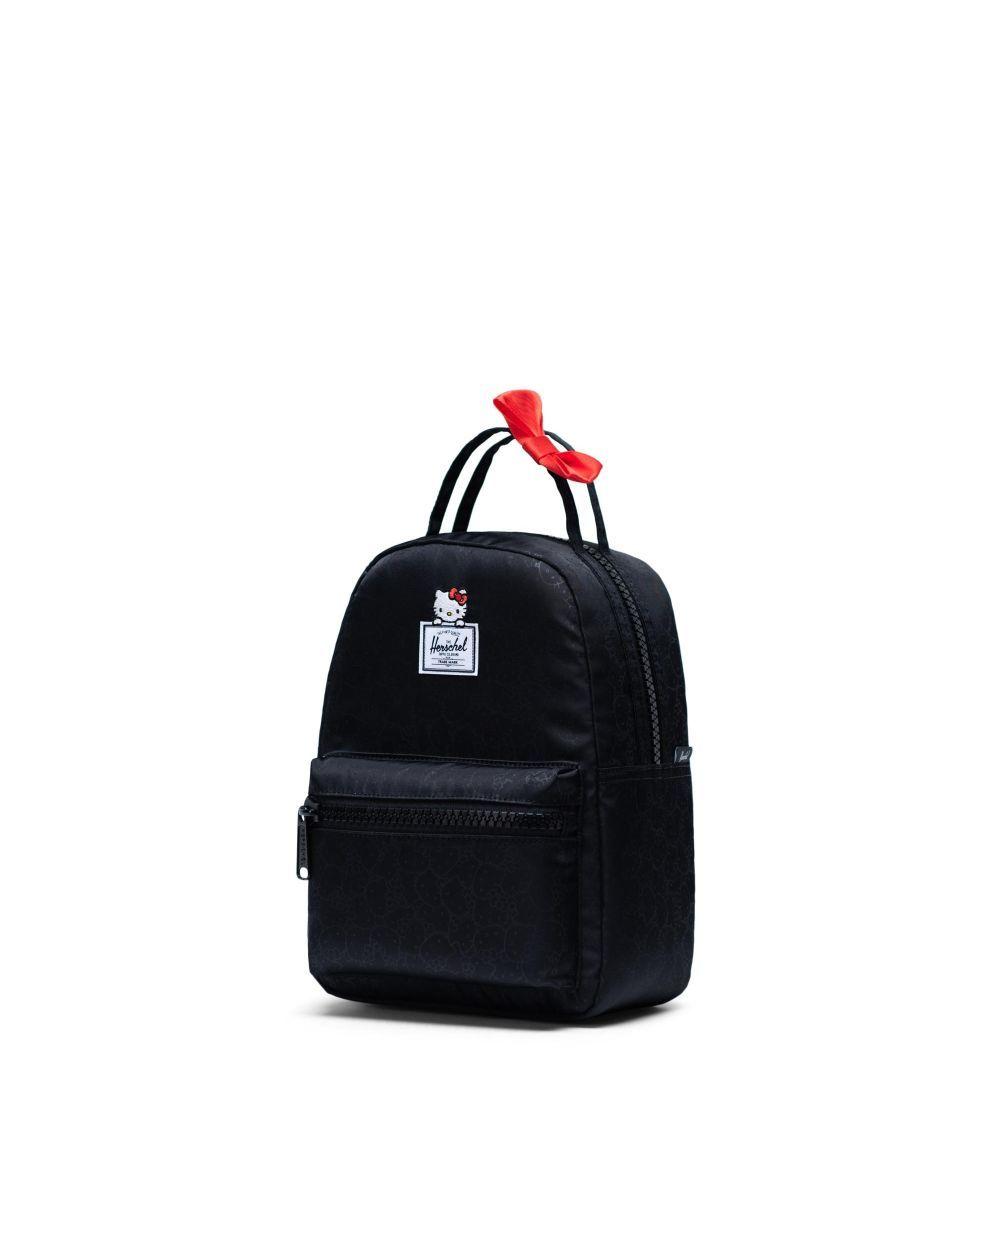 11aae8499 Nova Backpack Mini   Hello KittyNova Backpack Mini   Hello Kitty ...